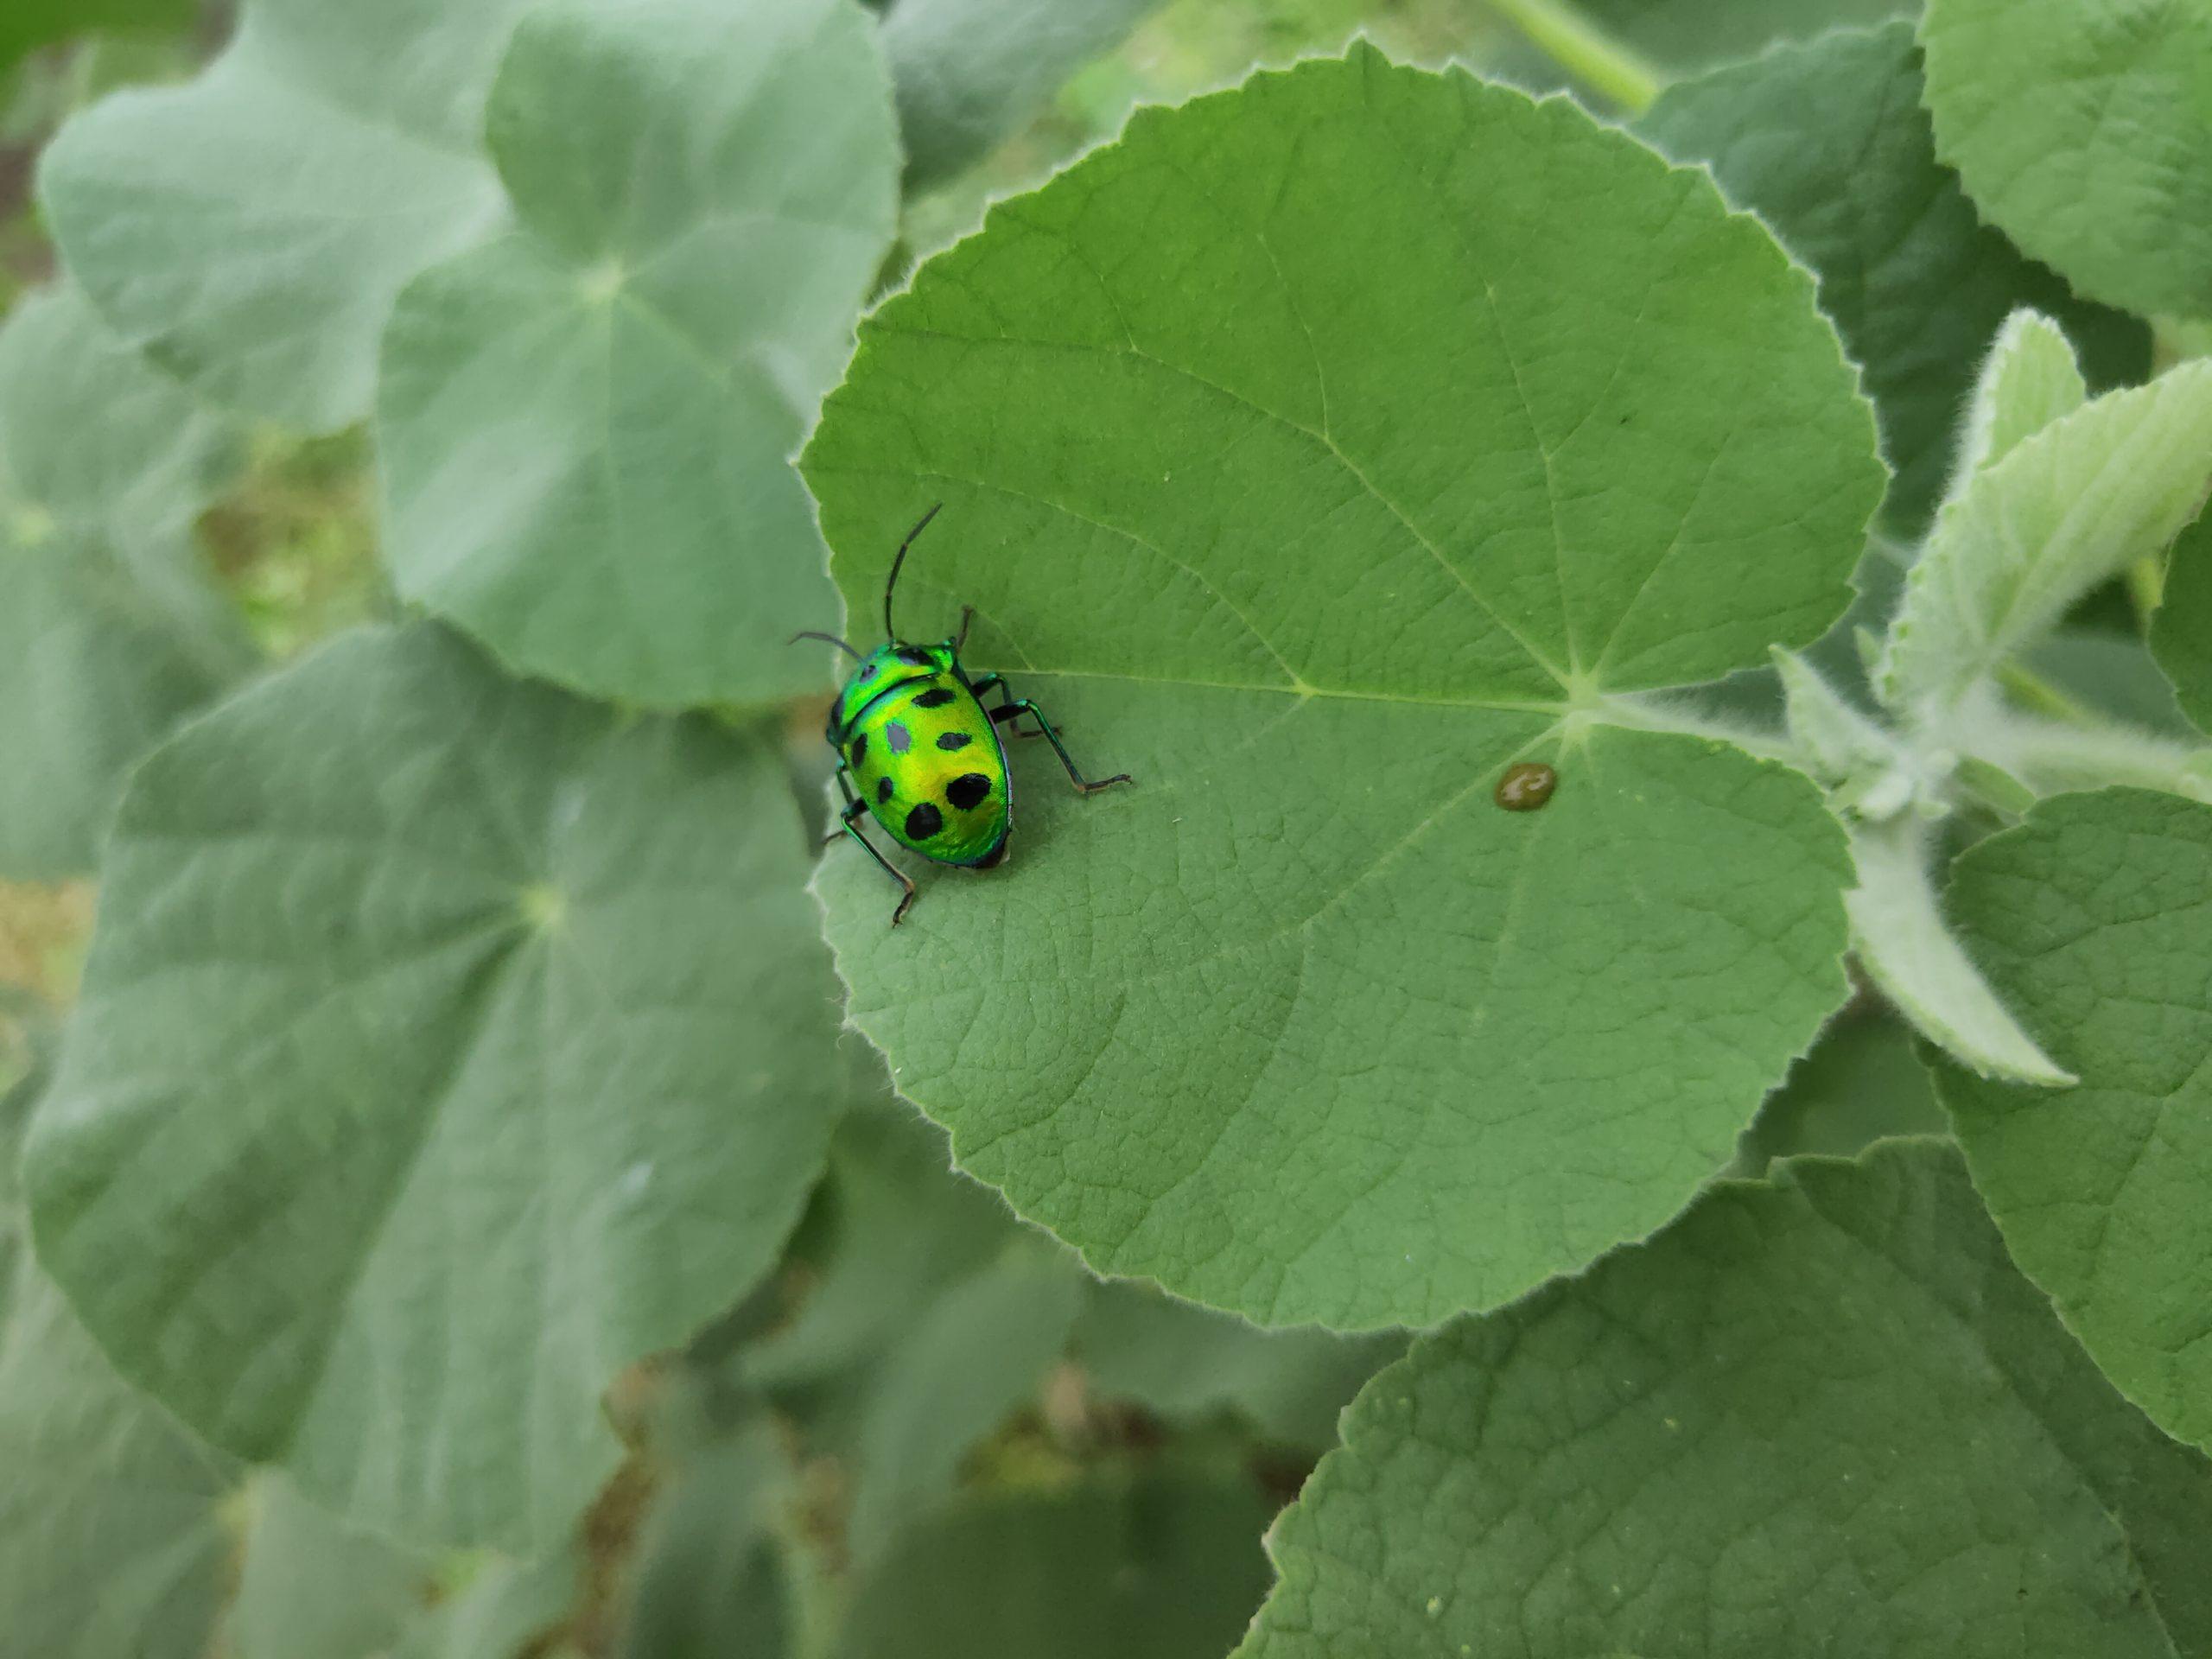 Jewel bug on a leaf